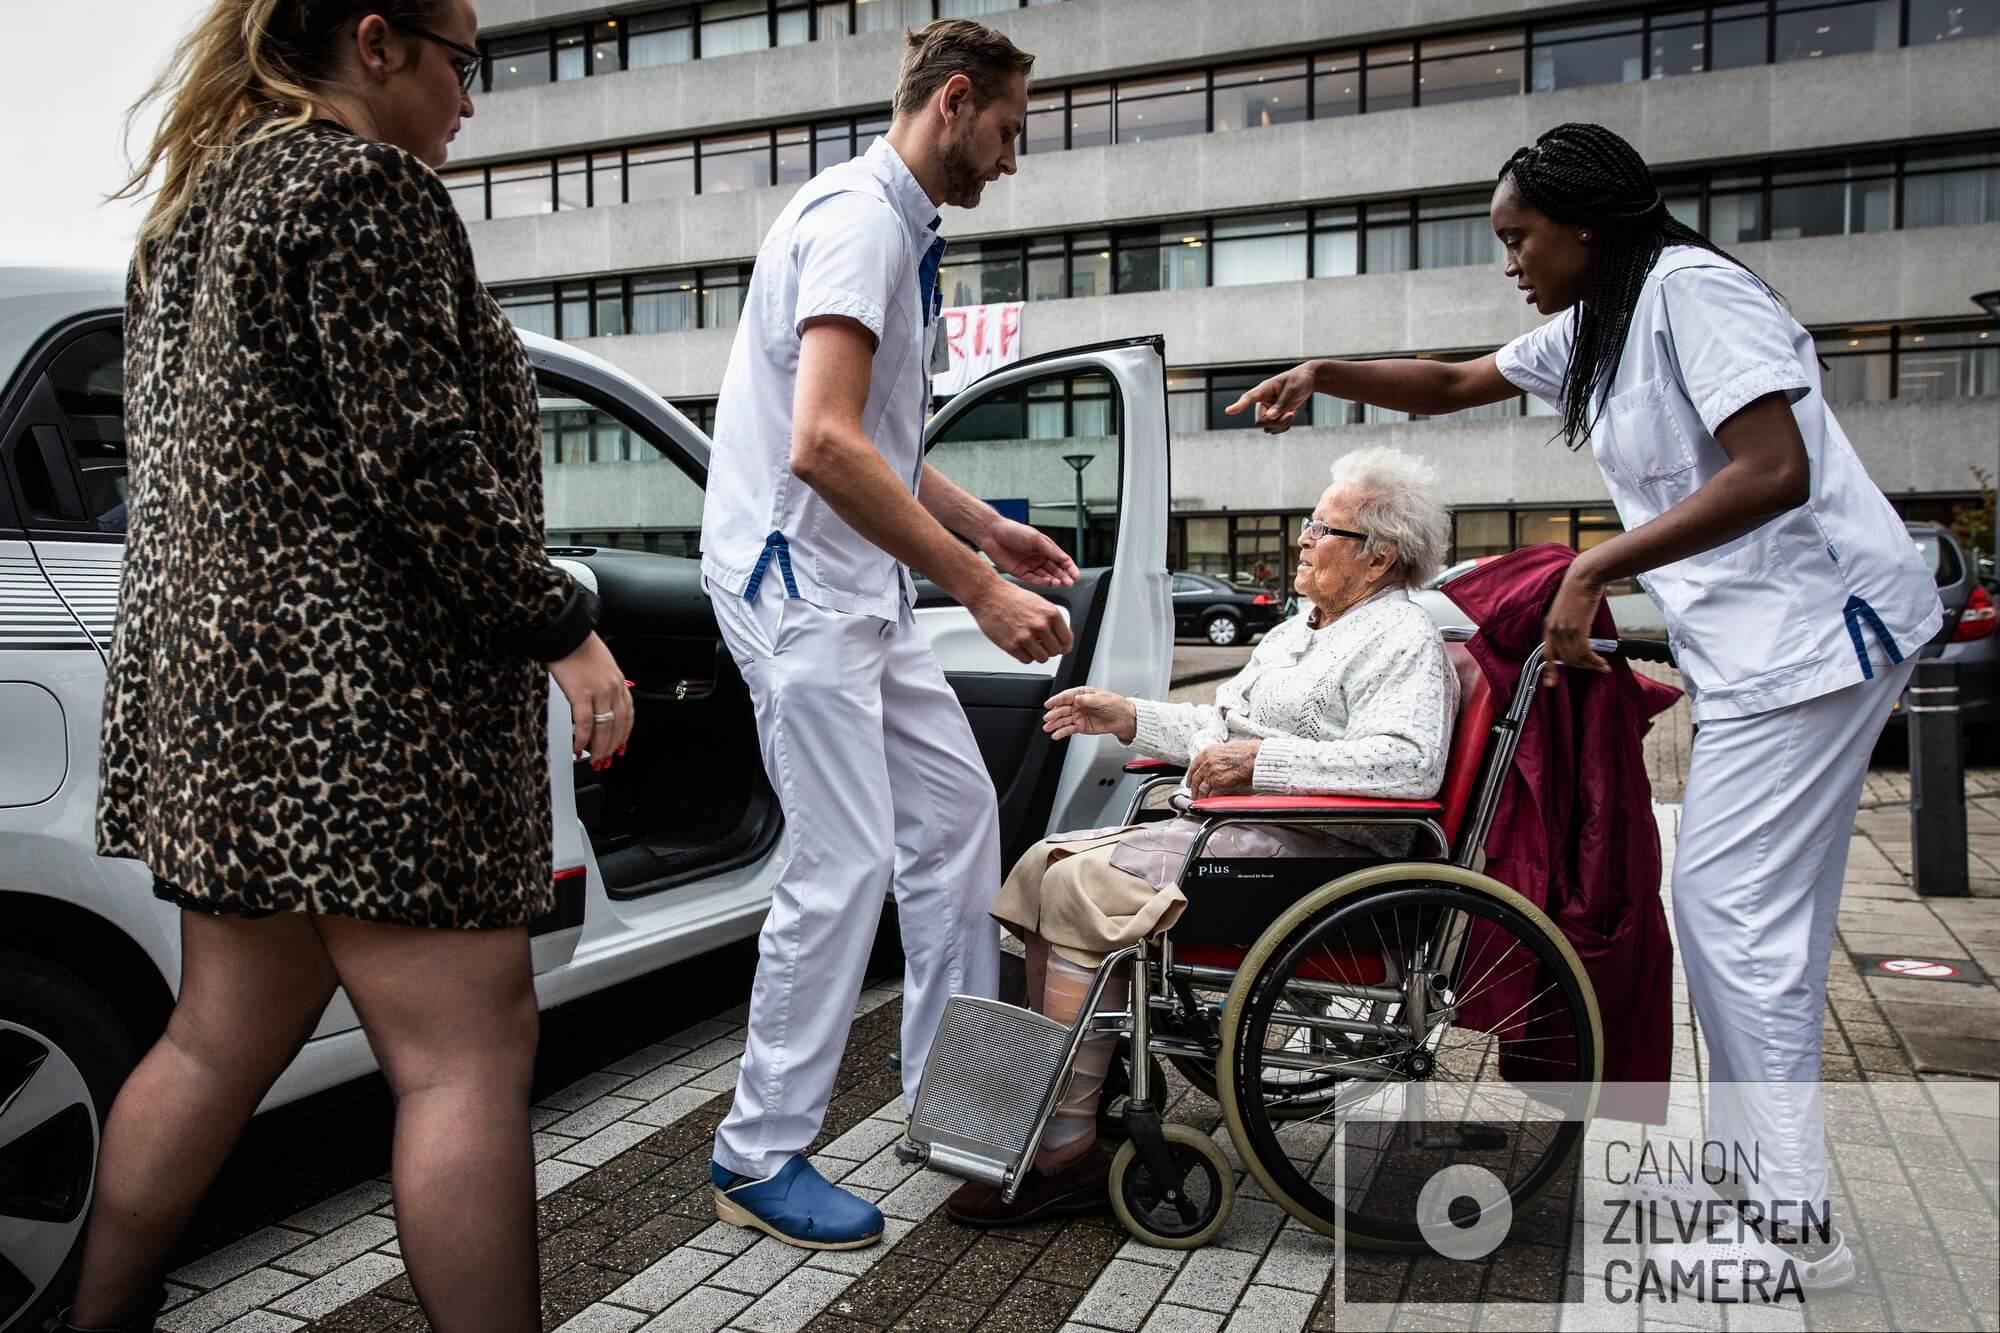 Amsterdam, 26 oktober 2018 - LAATSTE DAG. Op 15.00 uur moet het MC Slotervaart leeg zij, op de poliklinieken na. De laatste patienten worden naar elders overgebracht. Foto Dingena Mol